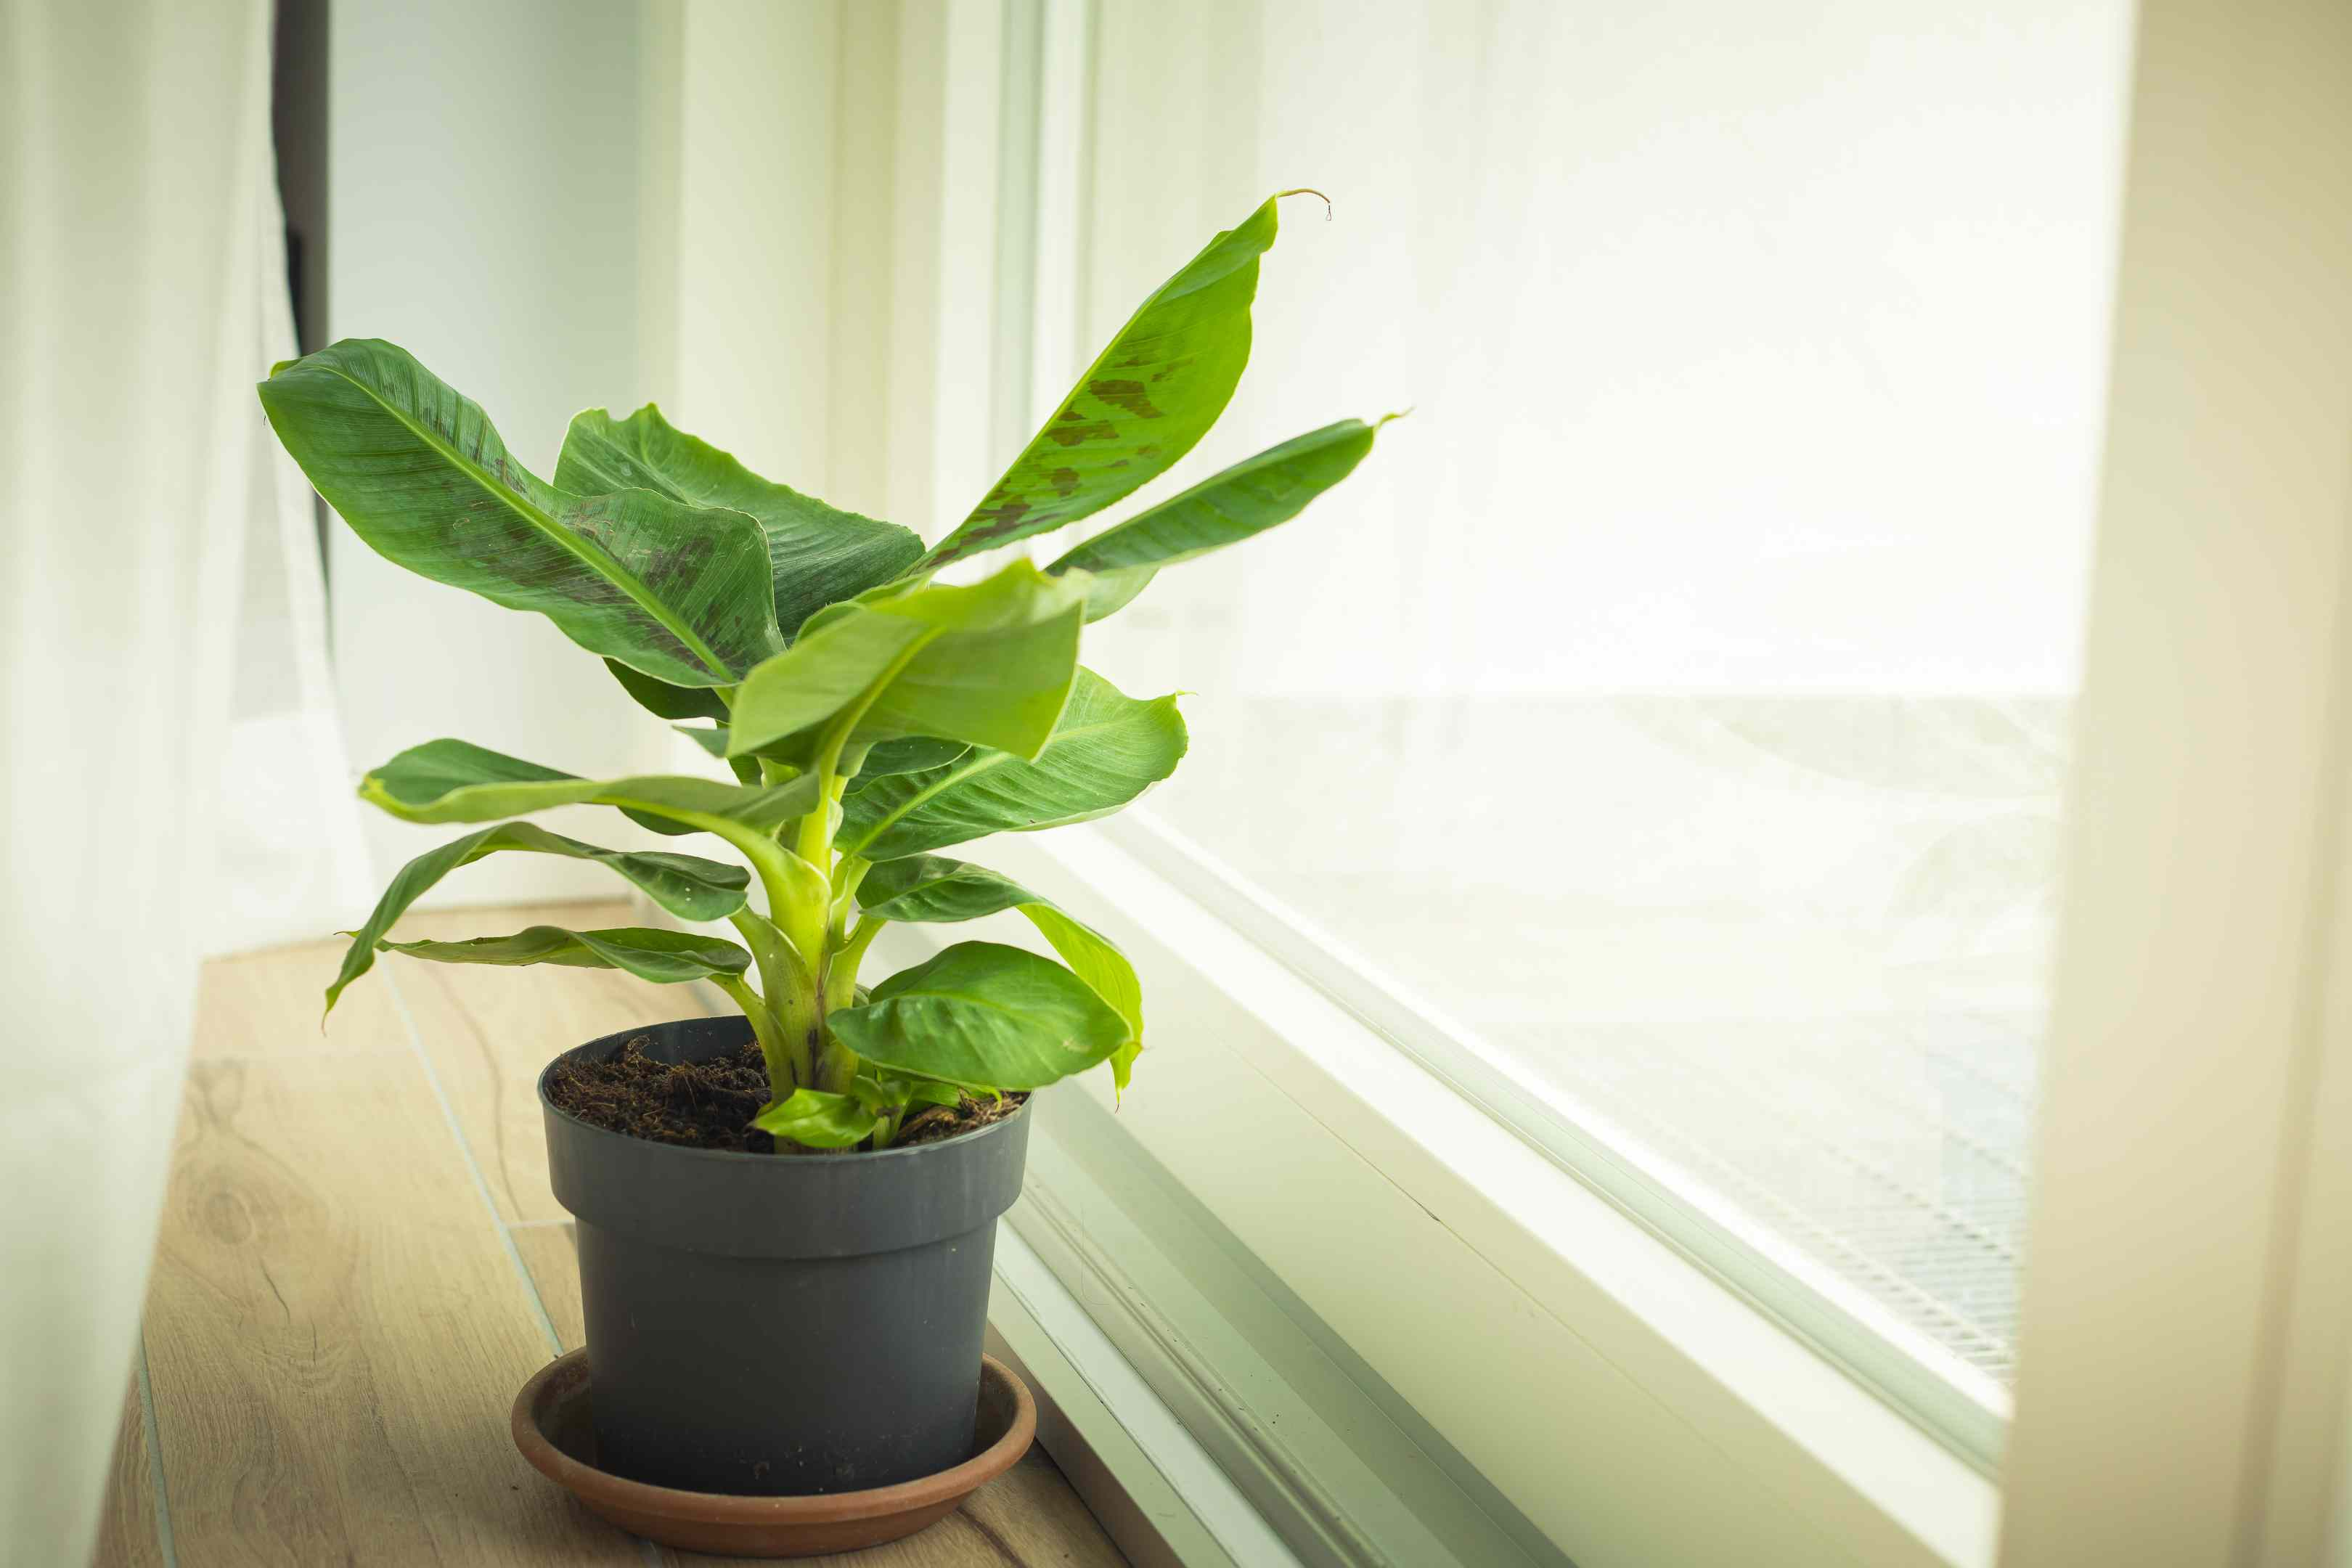 Dwarf banana plant in window